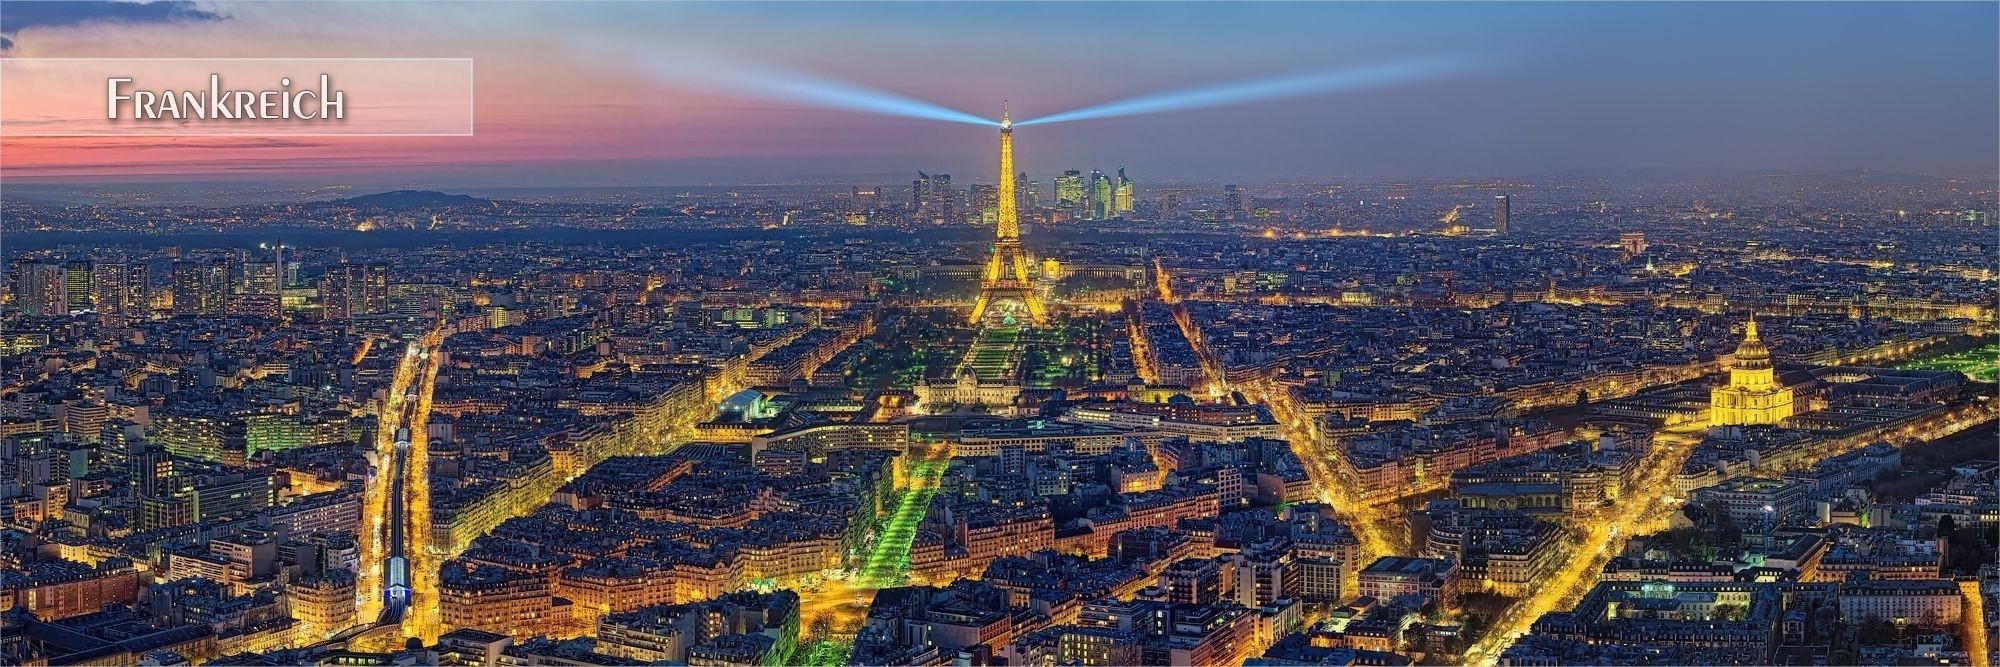 Bilder als Wandbild oder Küchenrückwand aus Frankreich